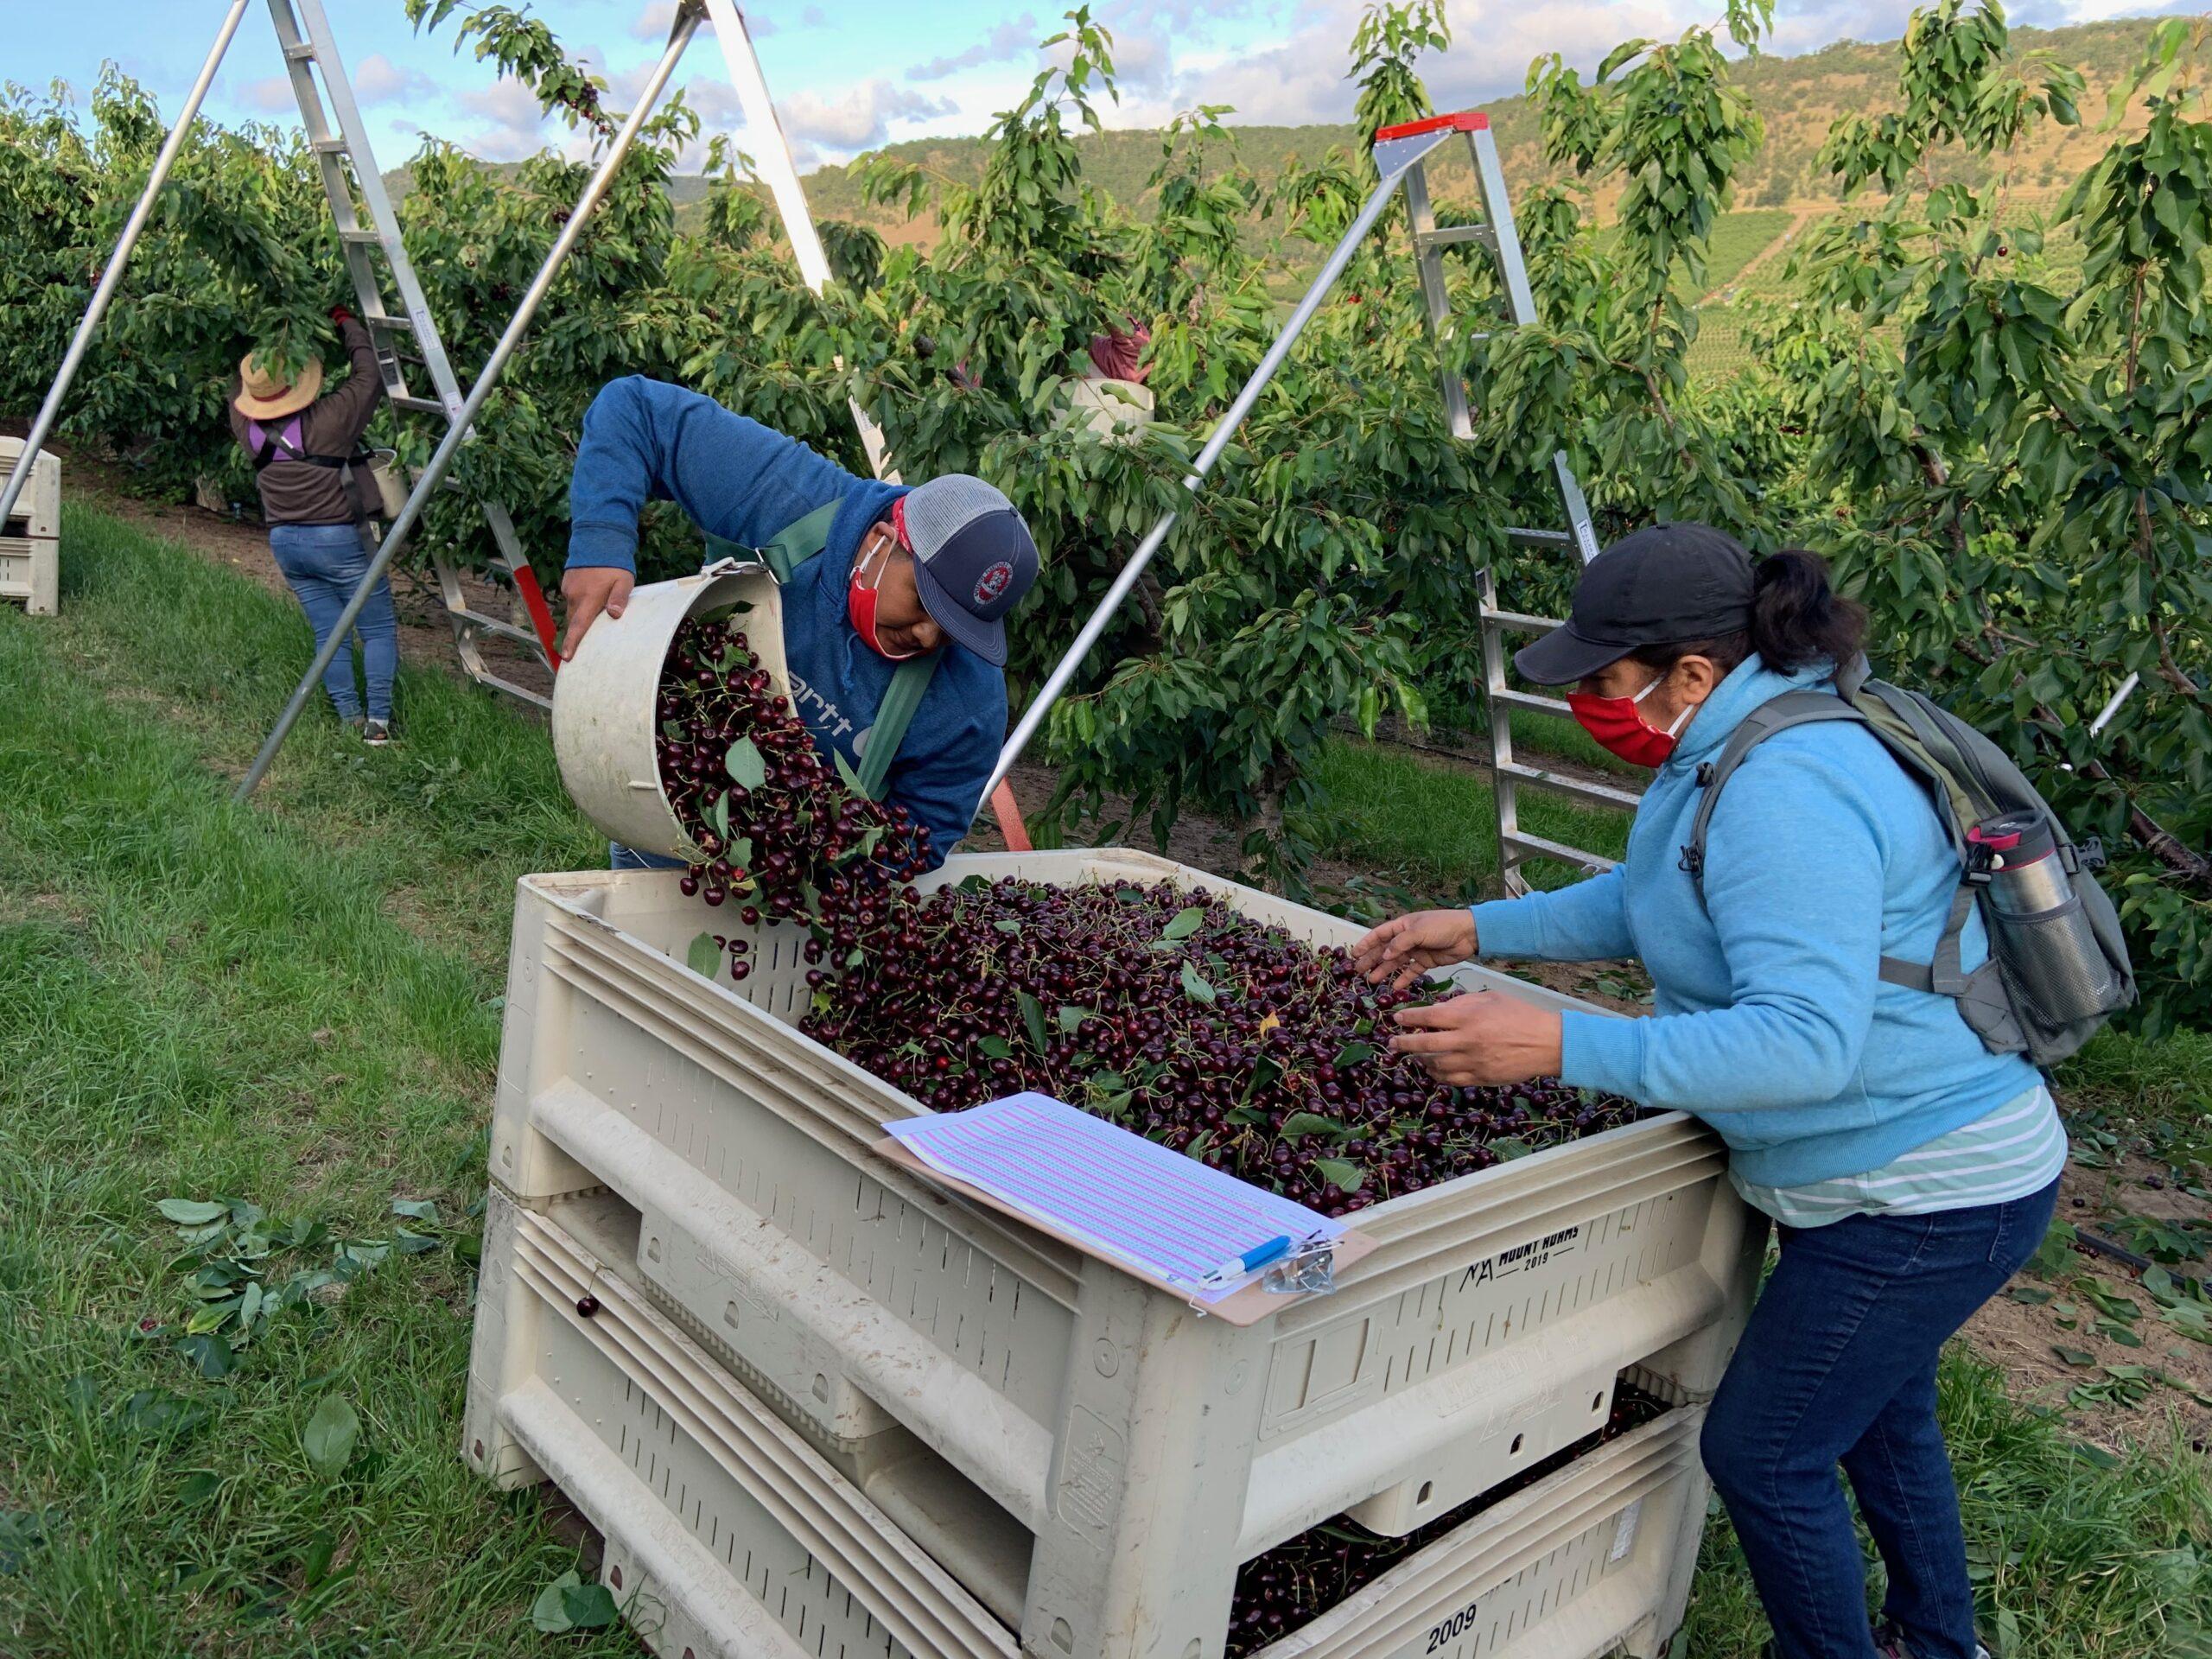 Workers on the periphery - Trabajadores en la periferia